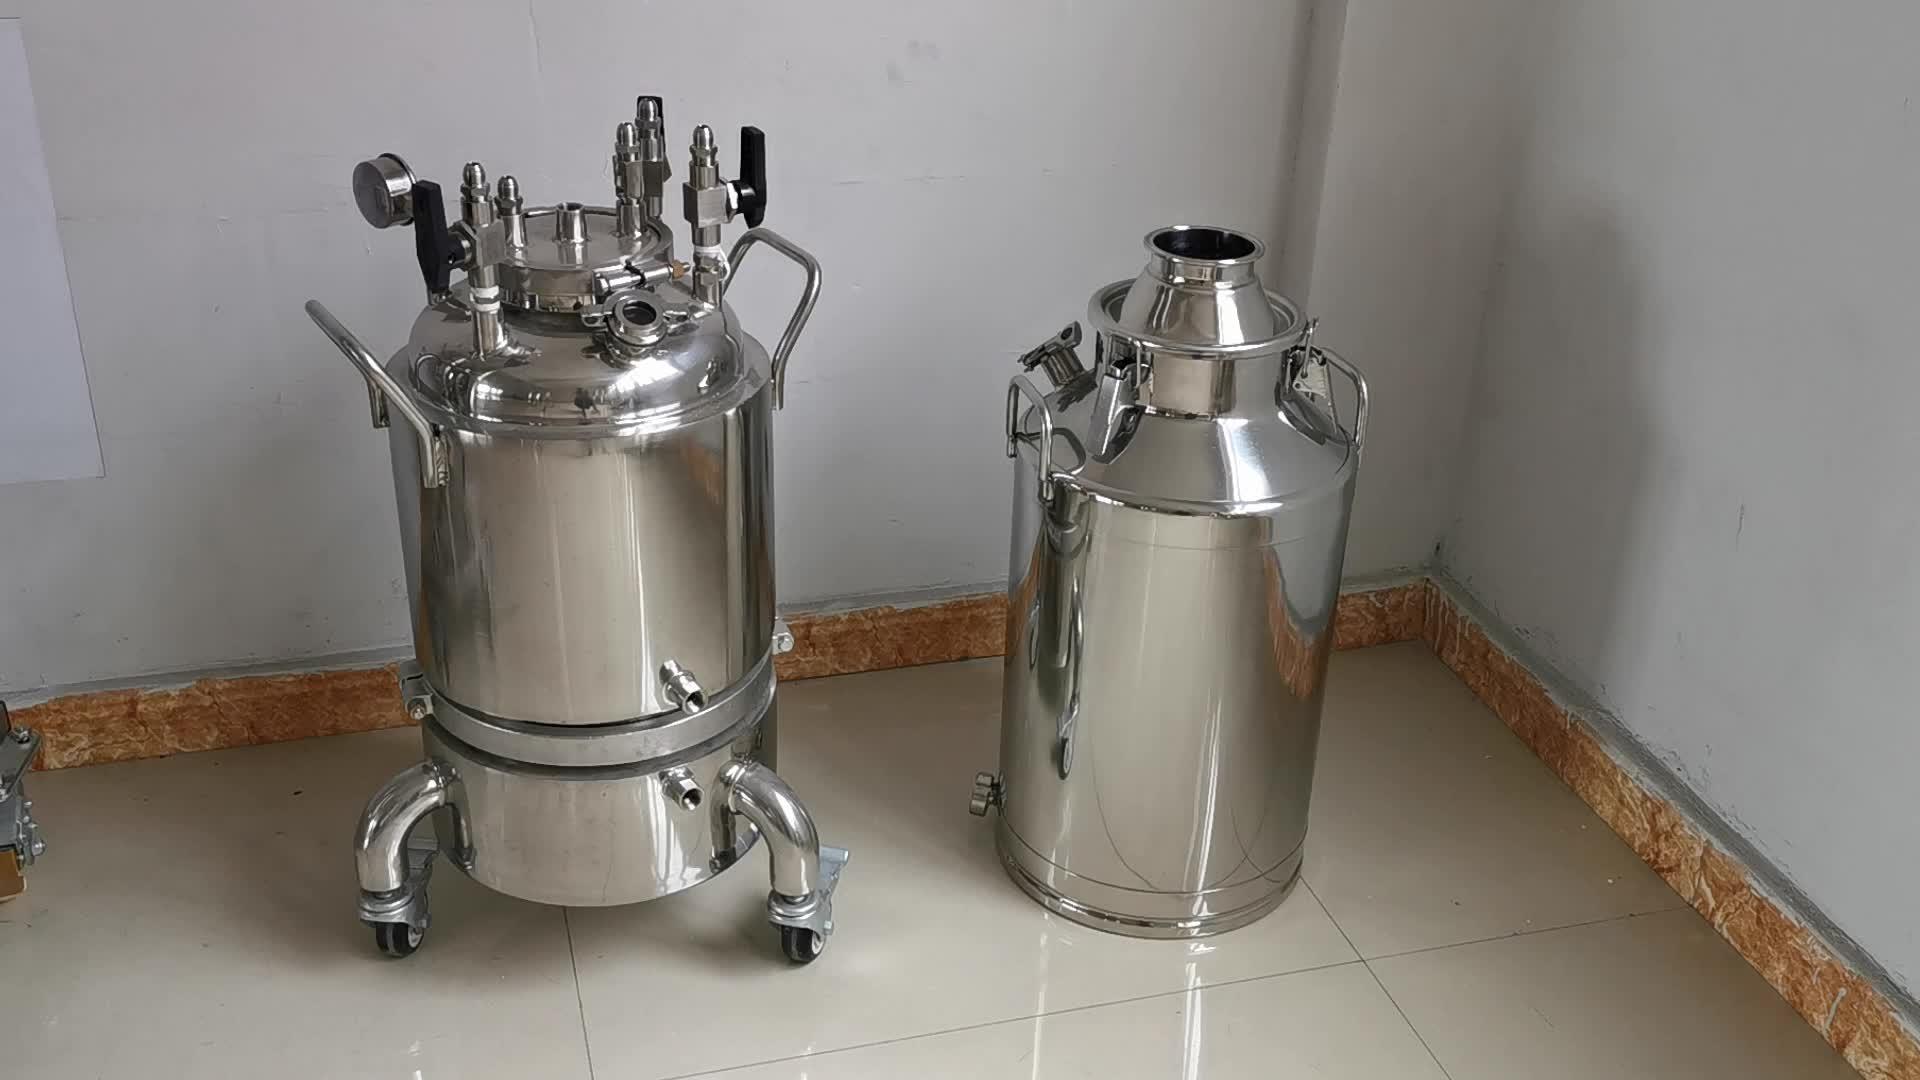 BHO चिमटा 50lbs गैस टैंक ब्रैकेट घुड़सवार के साथ उपयोग के लिए चिमटा मशीन